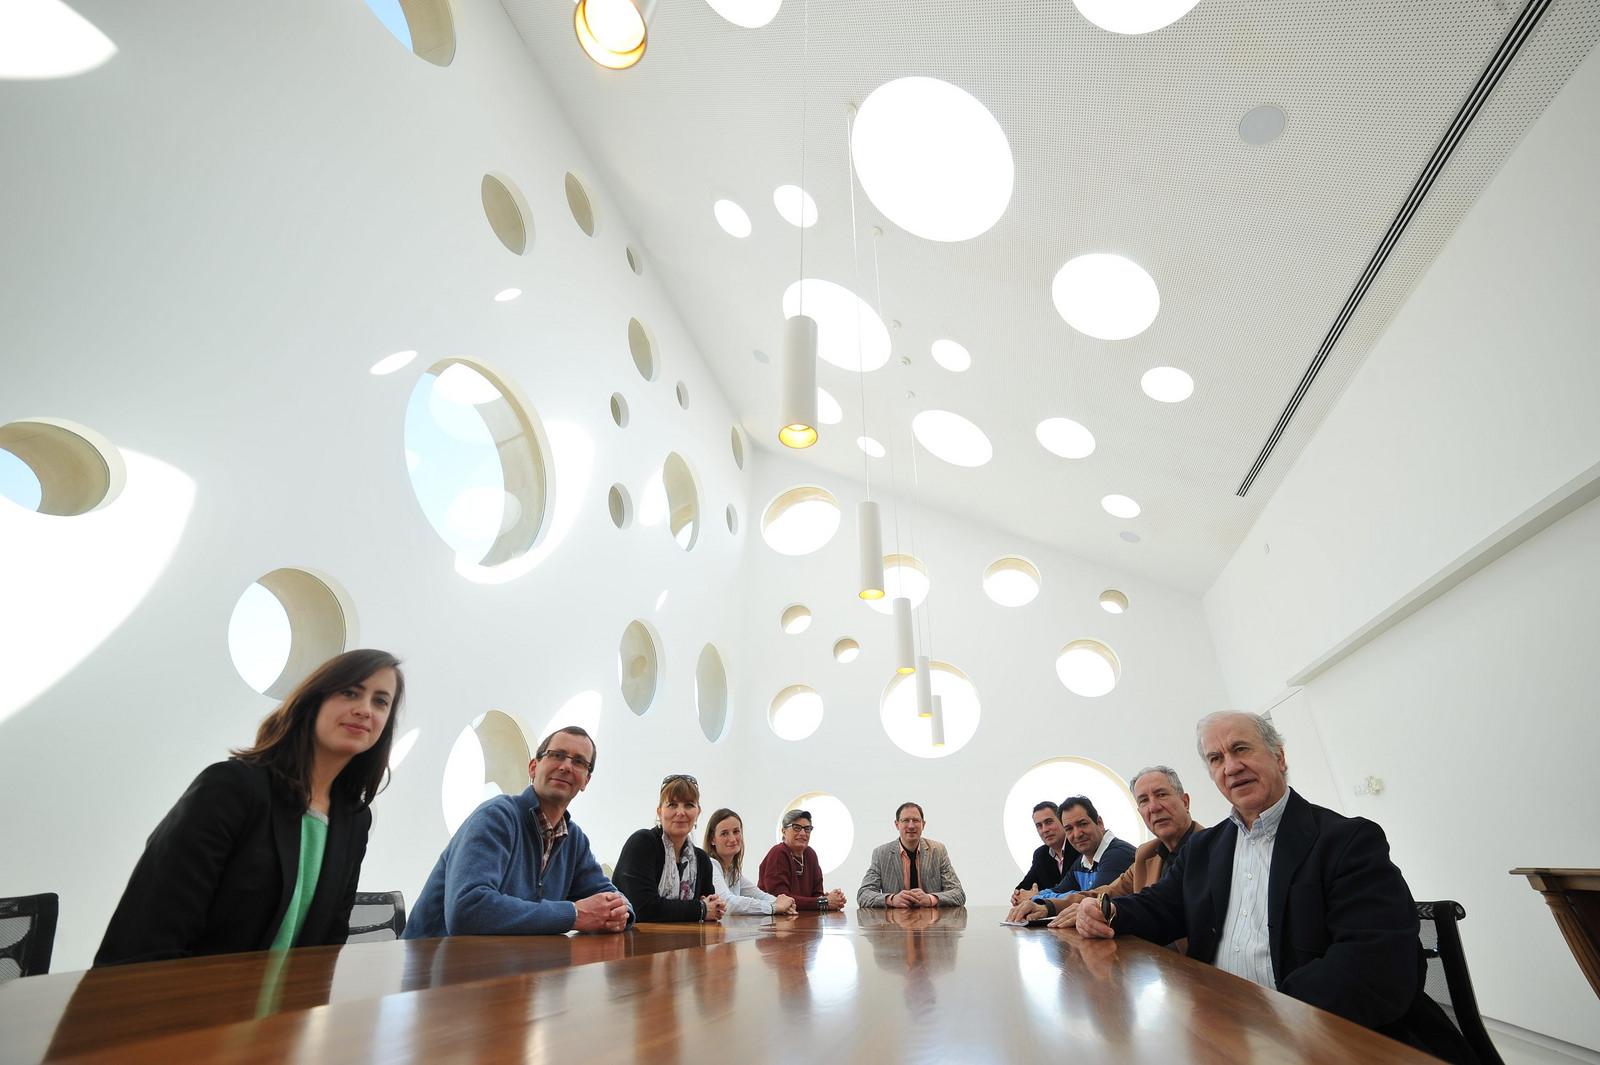 El Comité de Calificación, reunido en las instalaciones del Consejo Regulador.